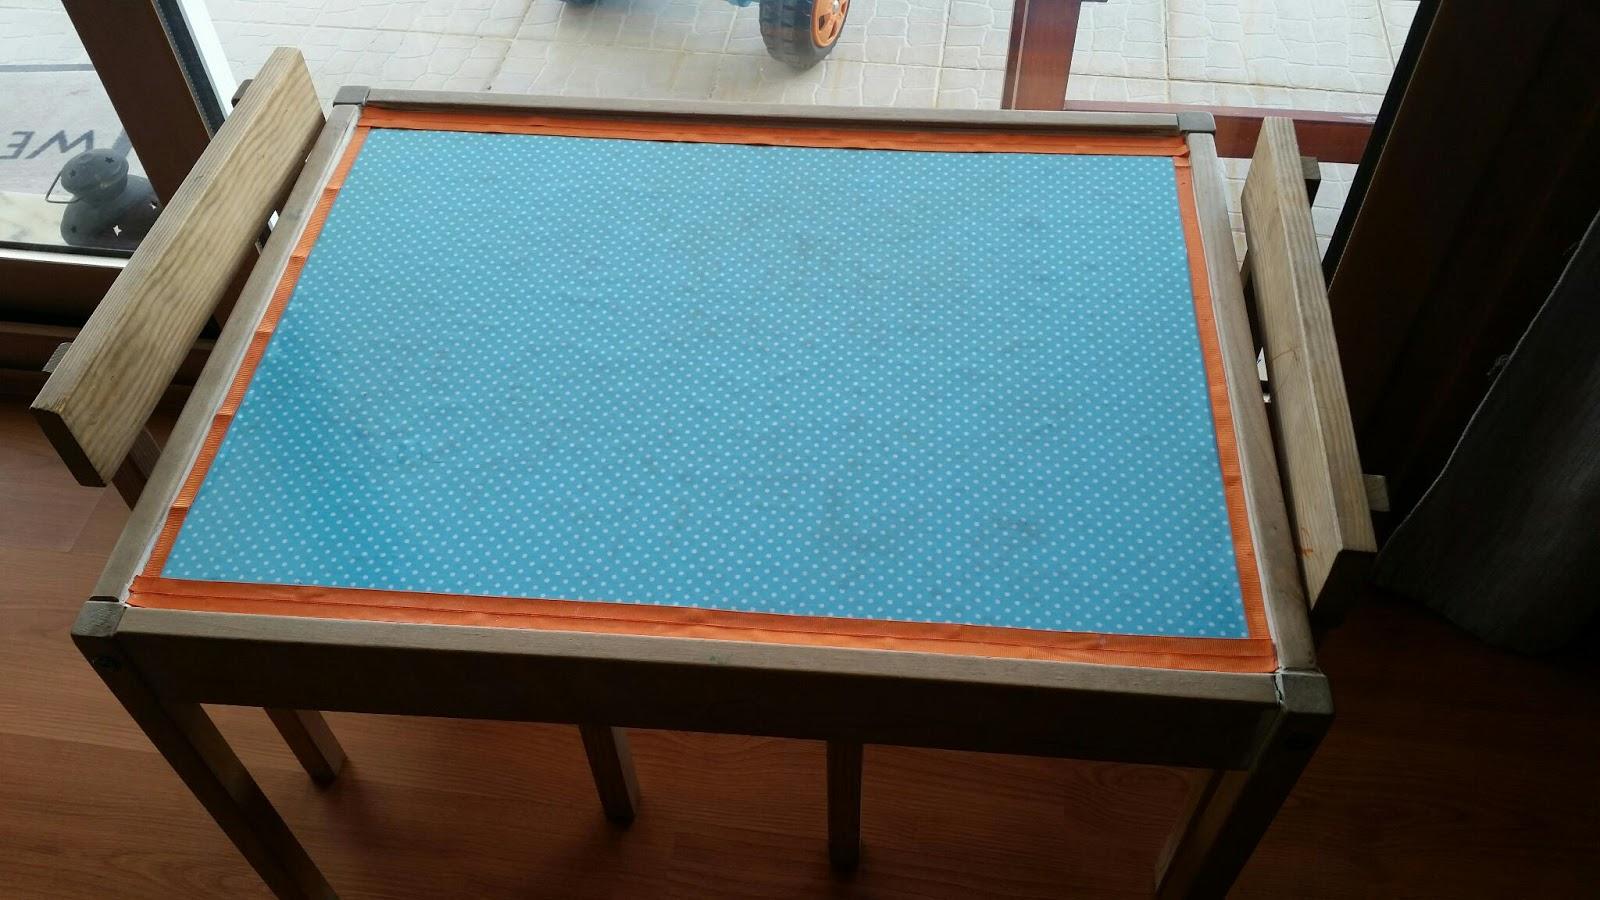 N o deites fora mesa ikea - Mesa transparente ikea ...